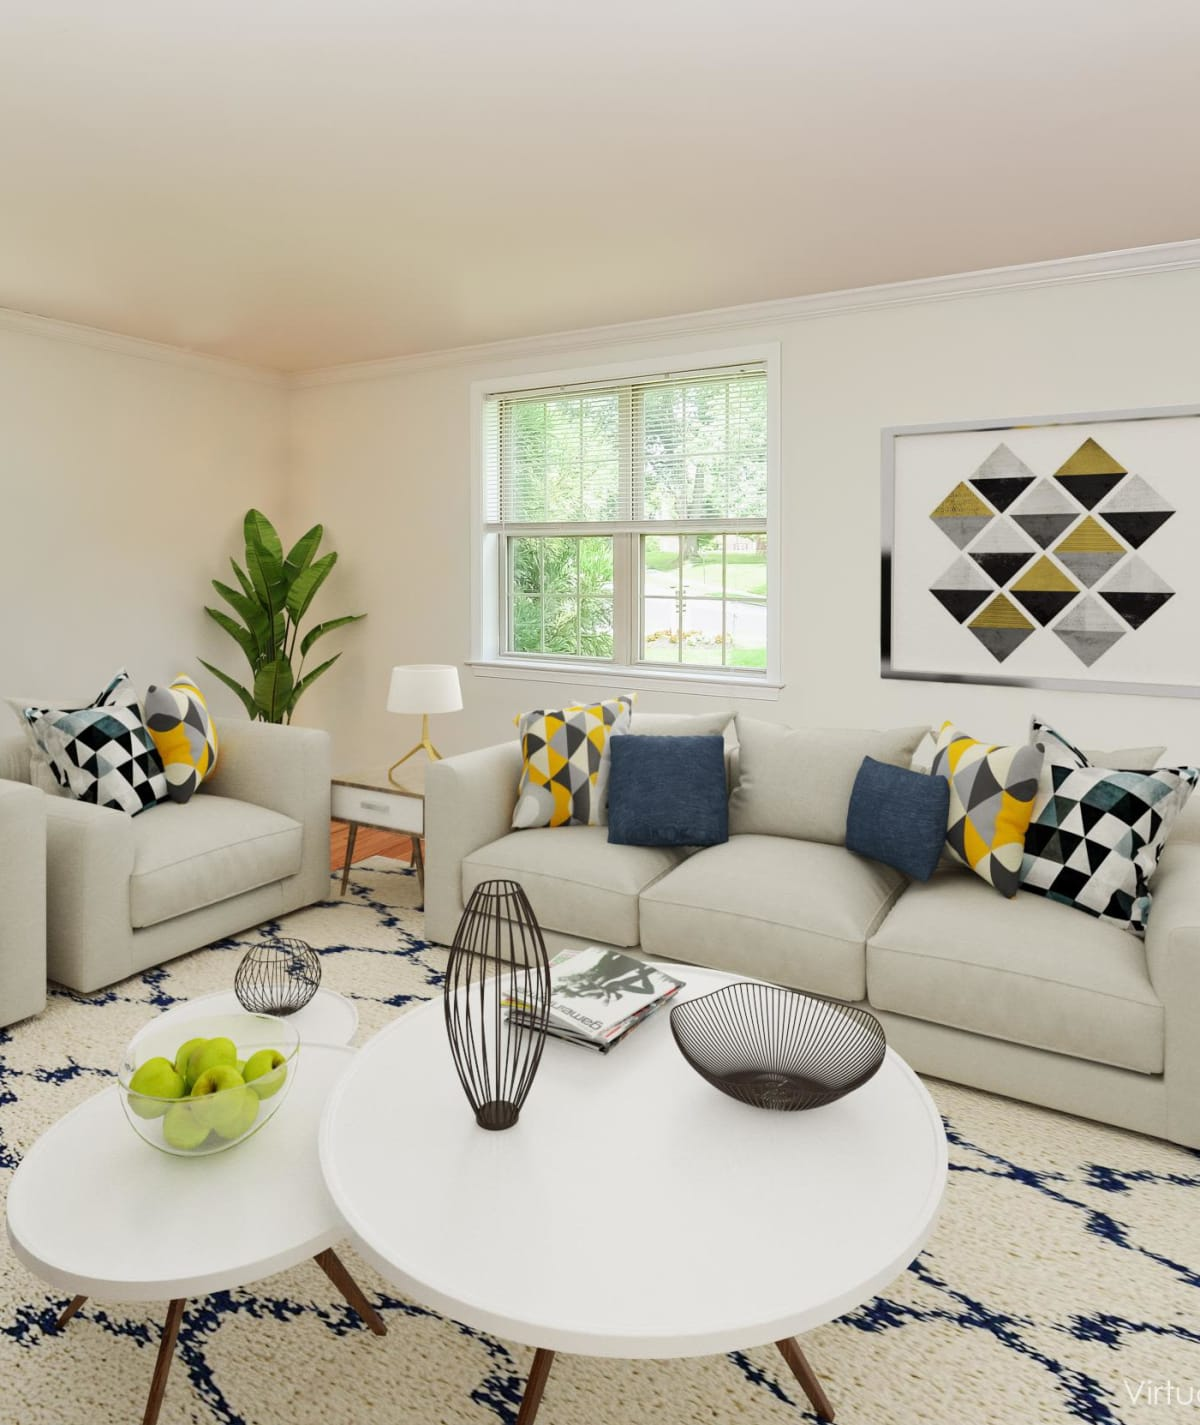 The Villas at Bryn Mawr Apartment Homes in Bryn Mawr, Pennsylvania